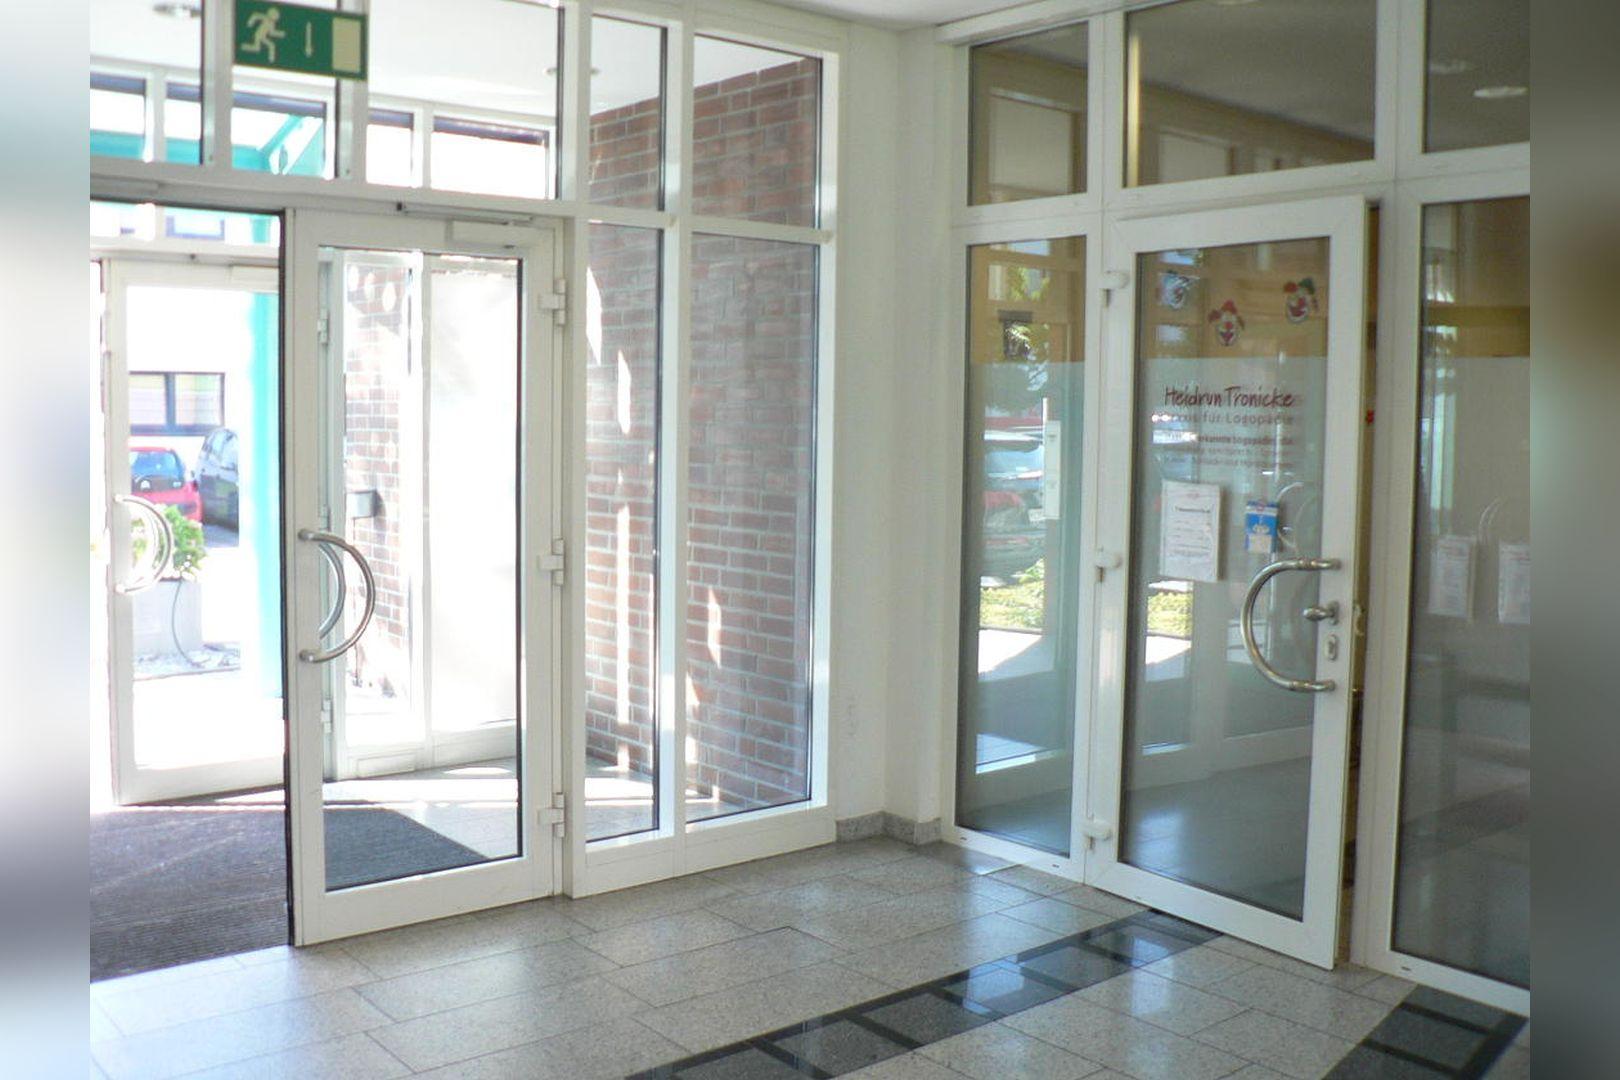 Immobilie Nr.112 - Büro- oder Praxisfläche für Dienstleistung, Medizin, Verwaltung  - Bild 7.jpg